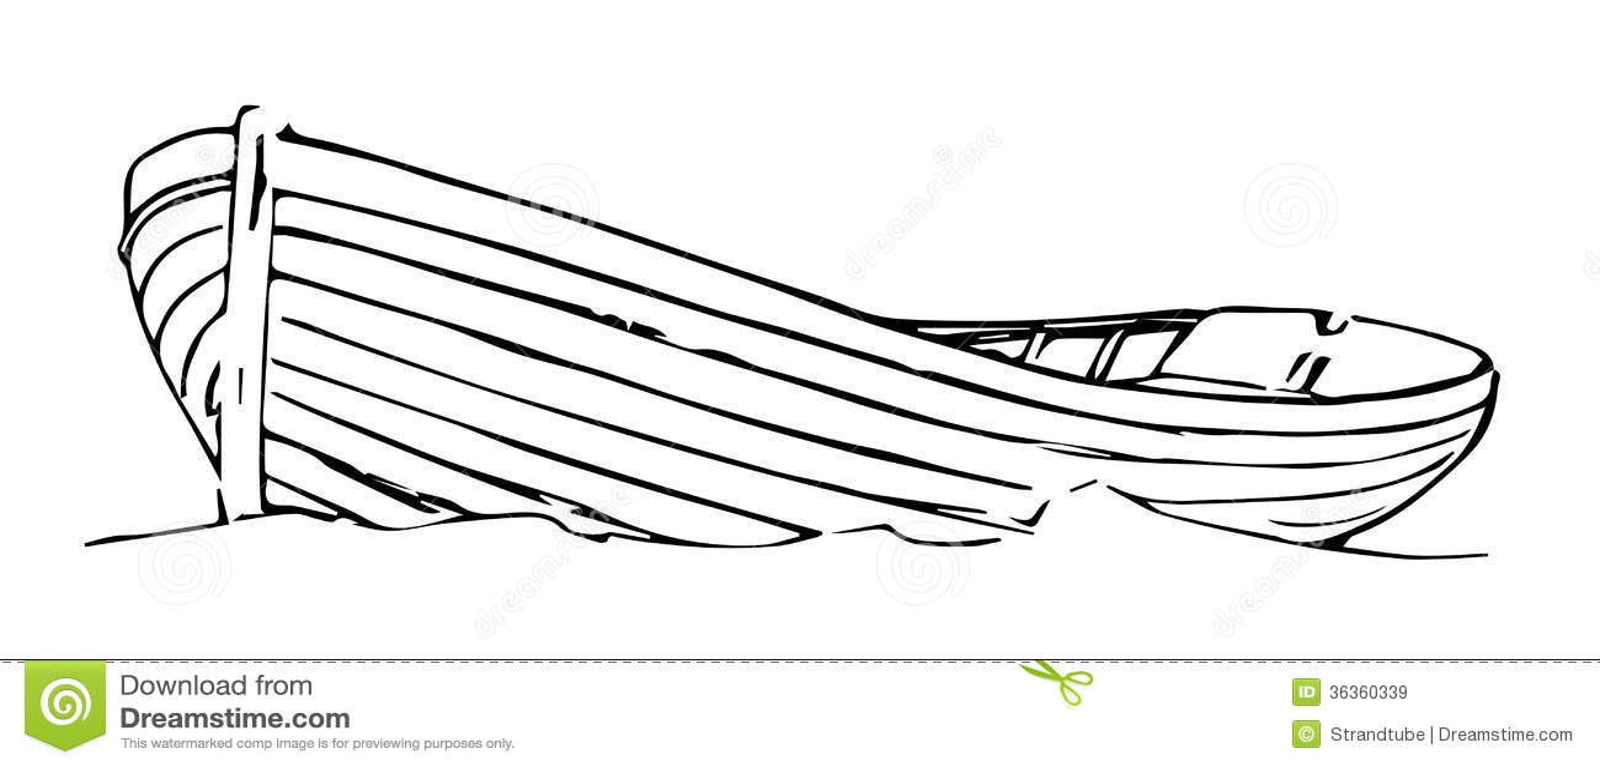 Row Boat Clipart Clipart Rowboa Row Boat